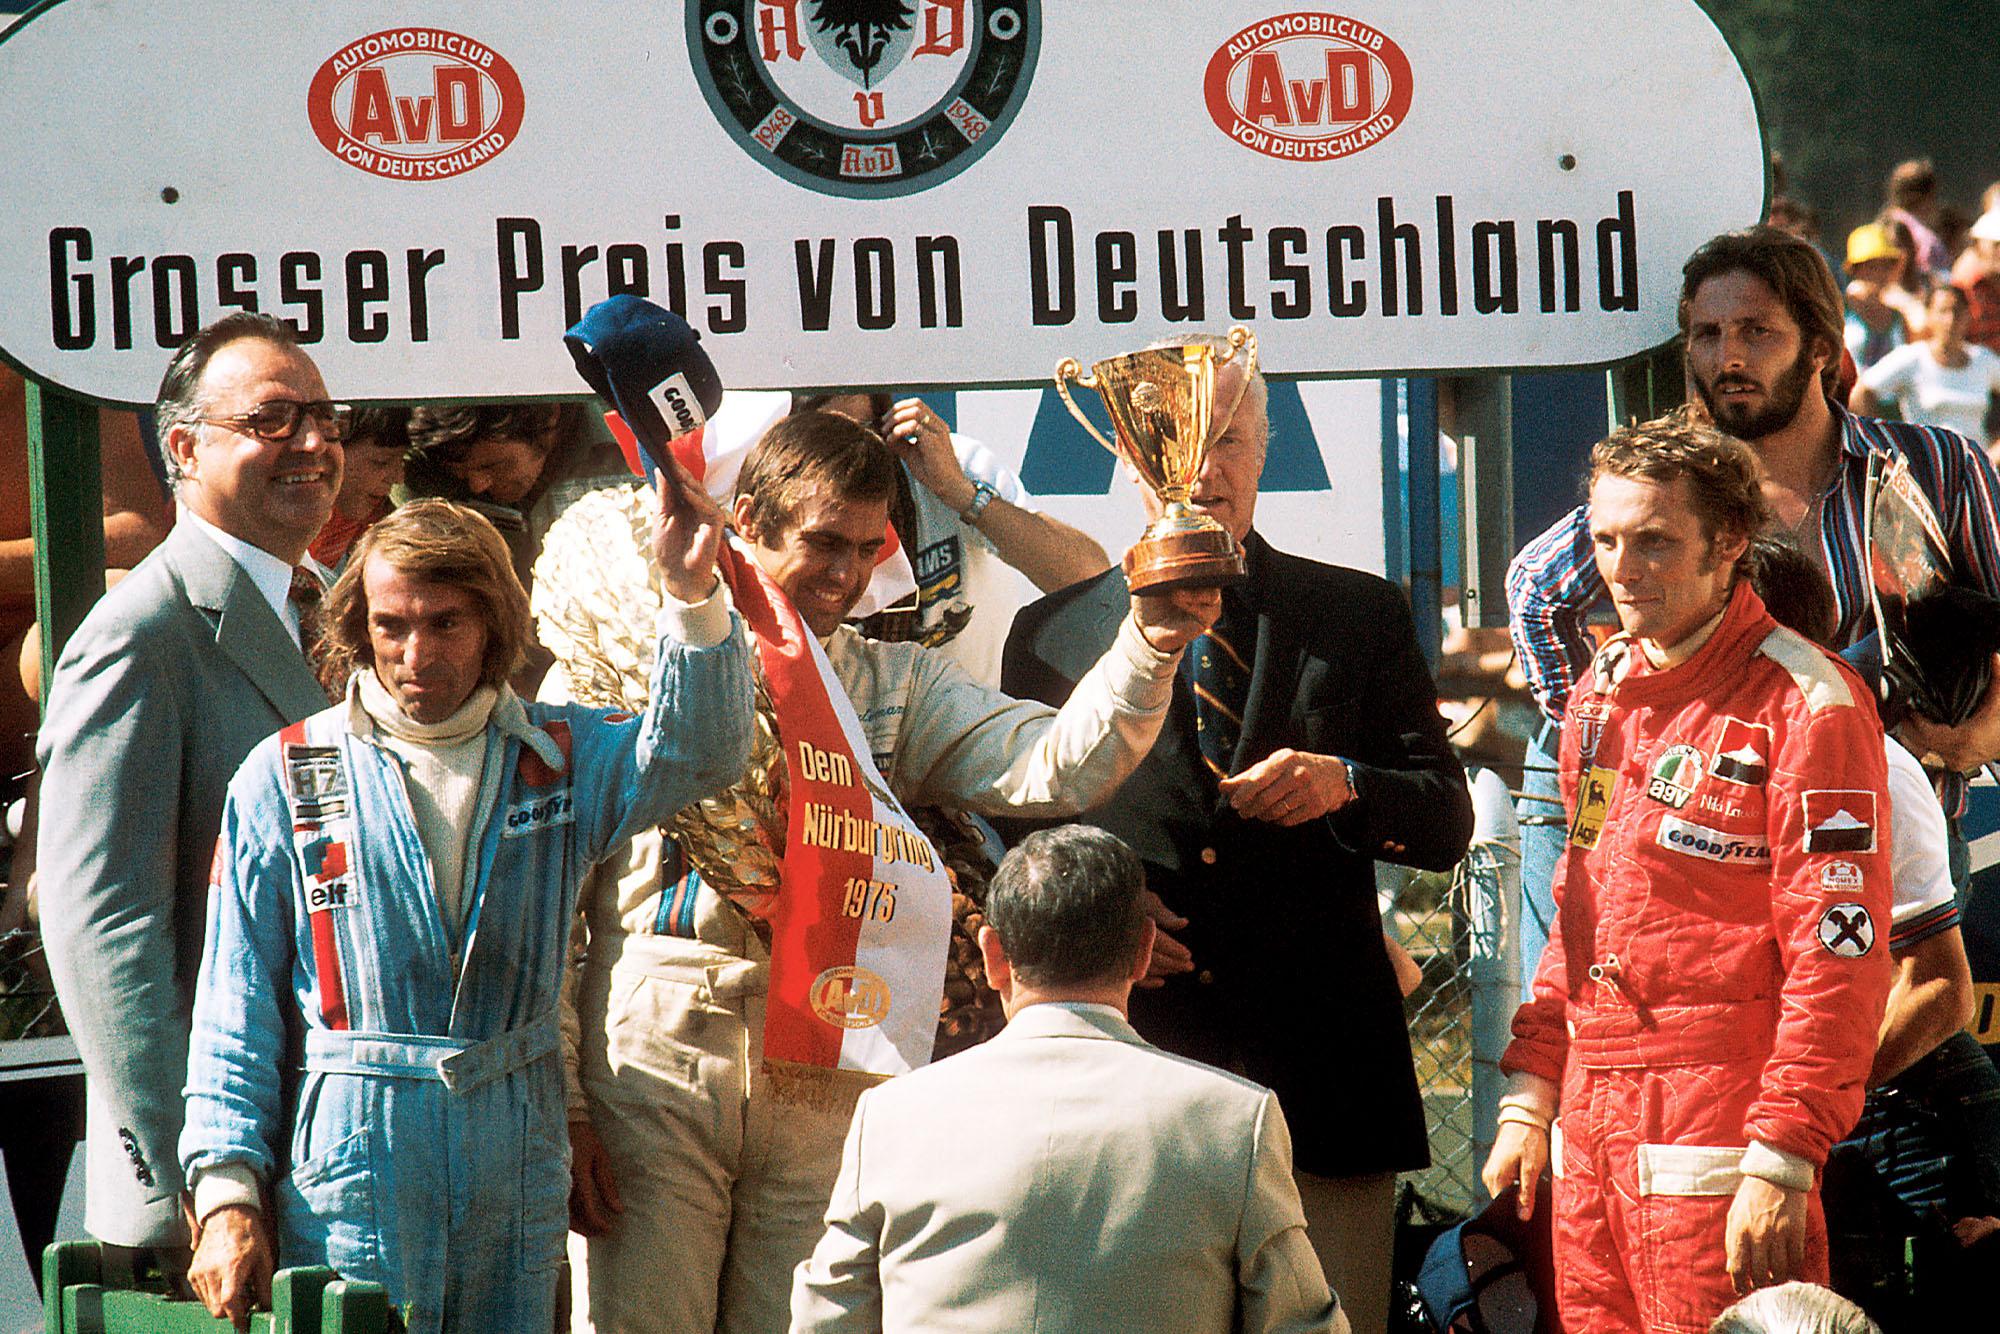 Carlos Reutemann (Brabham) celebrates winning the 1975 German Grand Prix, Nurburgring.